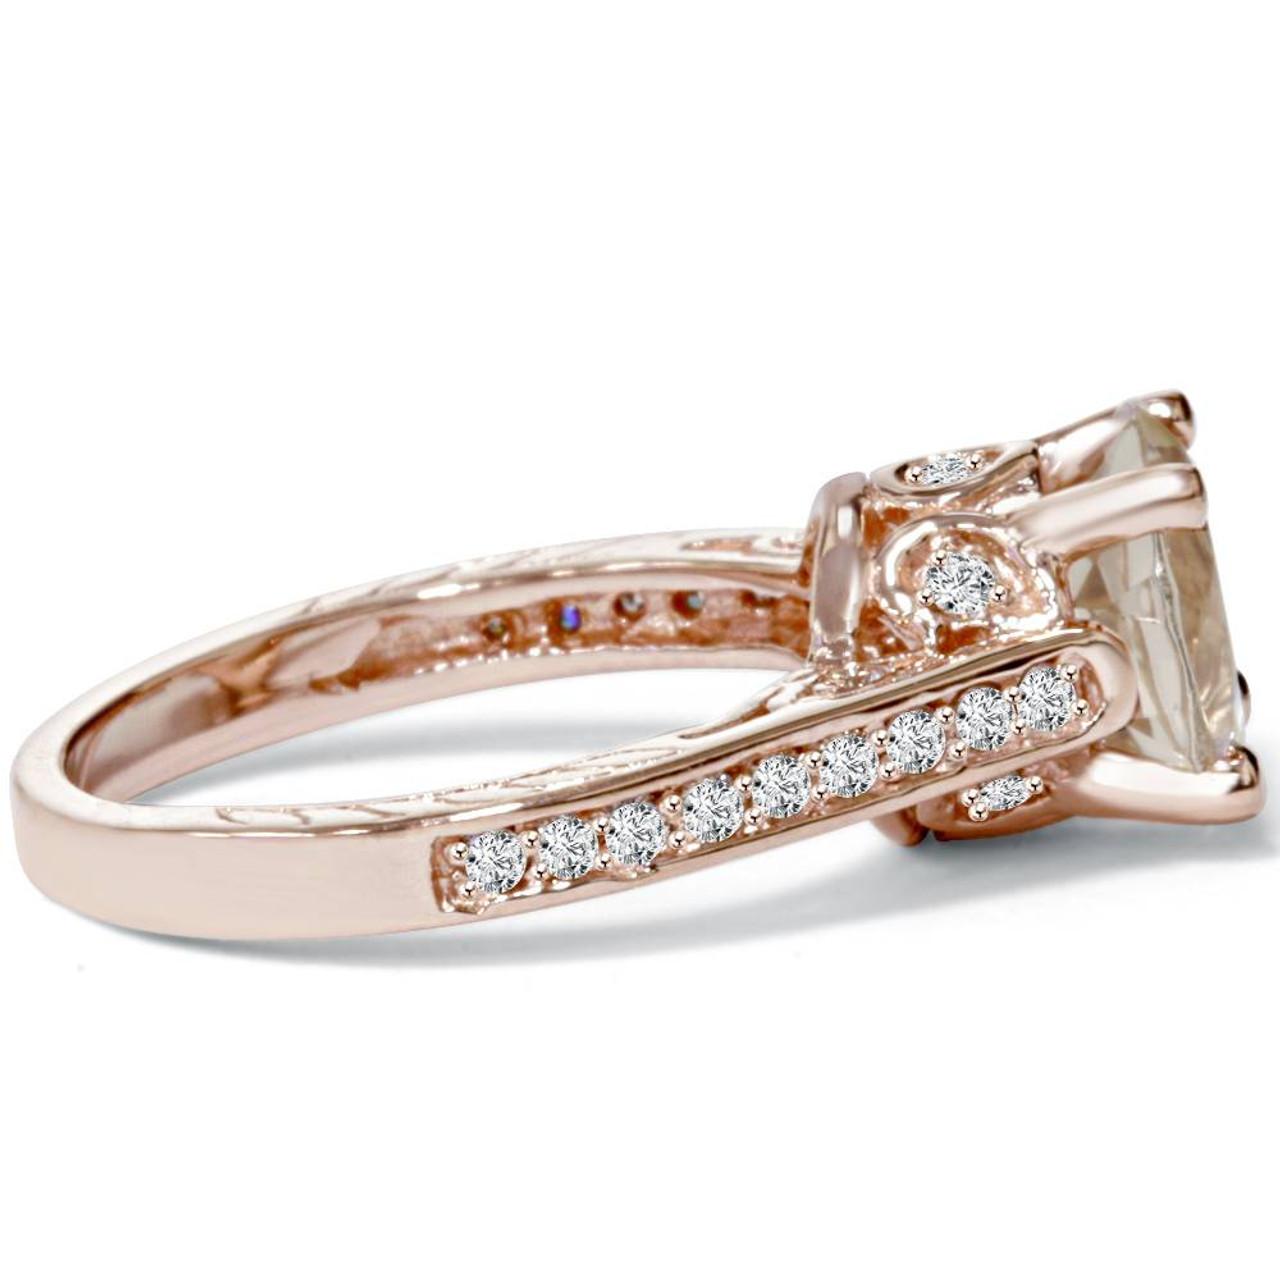 2 Carat Morganite Diamond Vintage Engagement Ring 14k Rose Gold